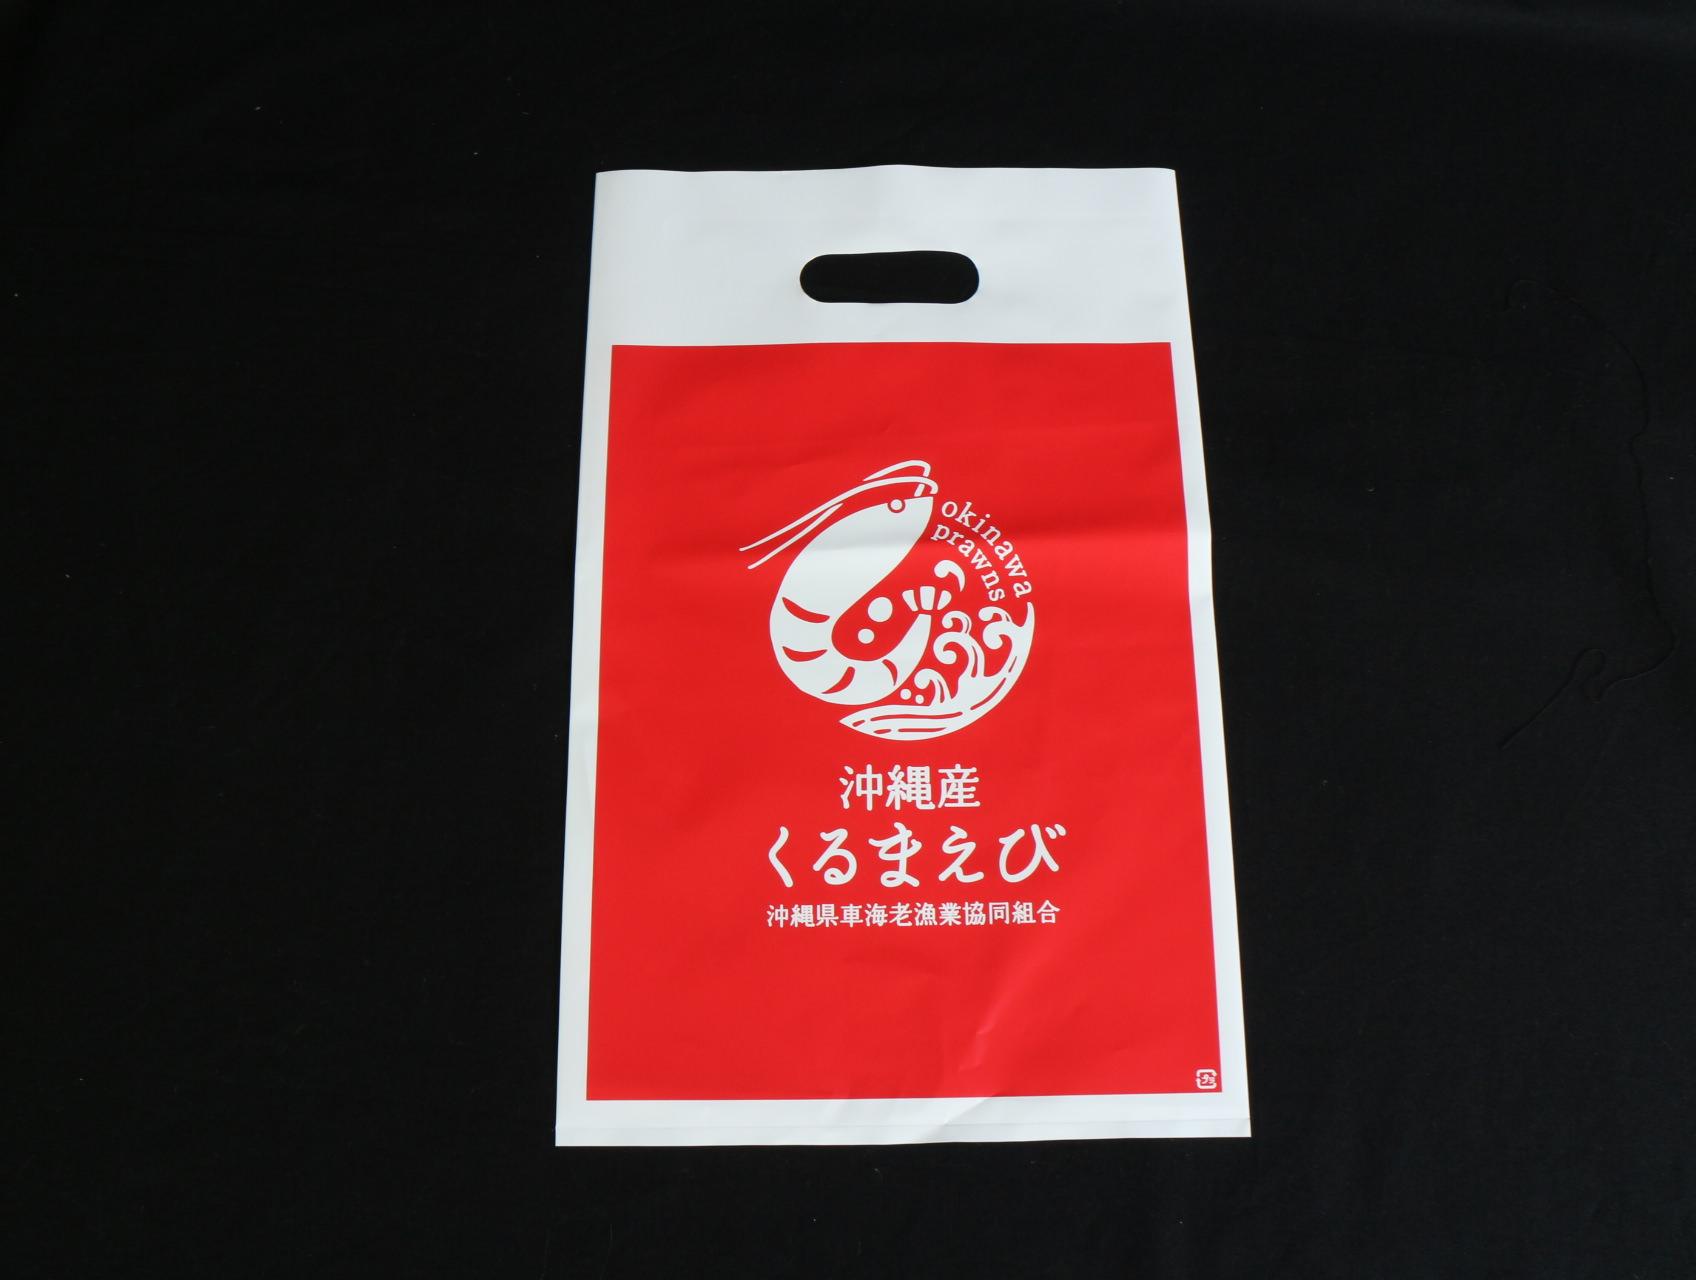 くるまえび養殖に取り組んでいらっしゃる沖縄の組合様の片面1色印刷ポリ袋